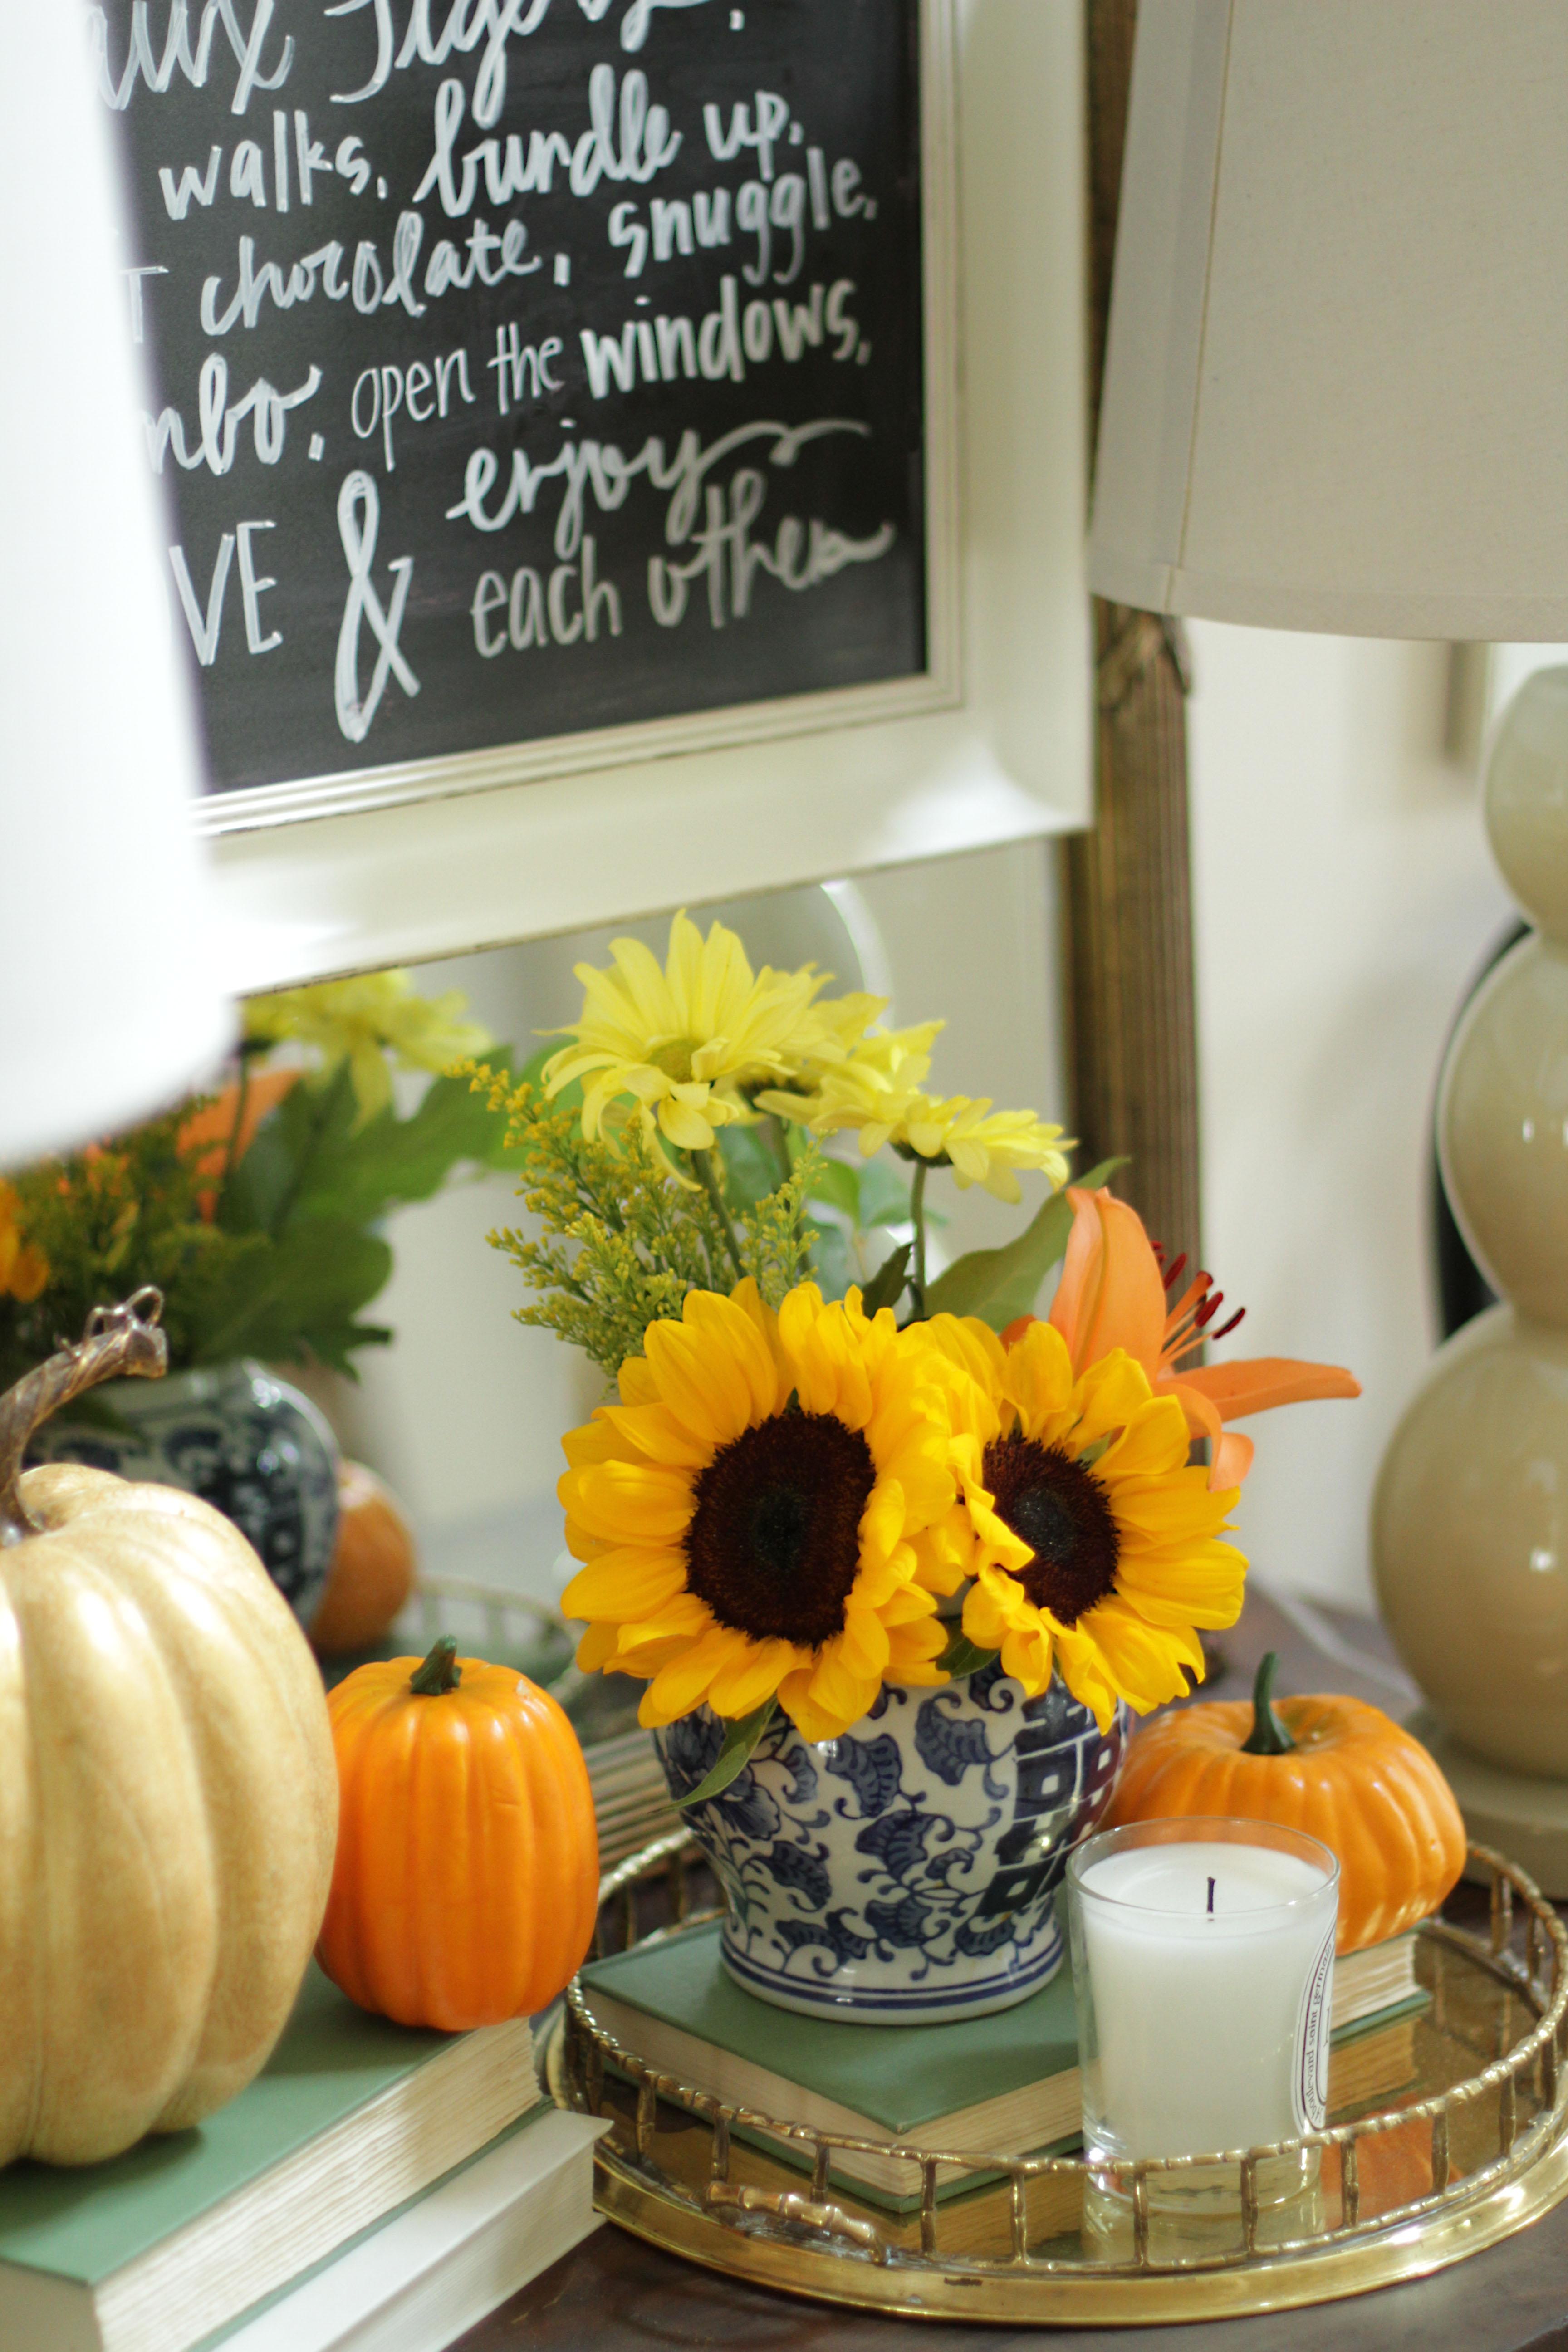 Fall Home Tour, Fall Decor, Pumpkin, Chalkboard Sign, Sunflowers